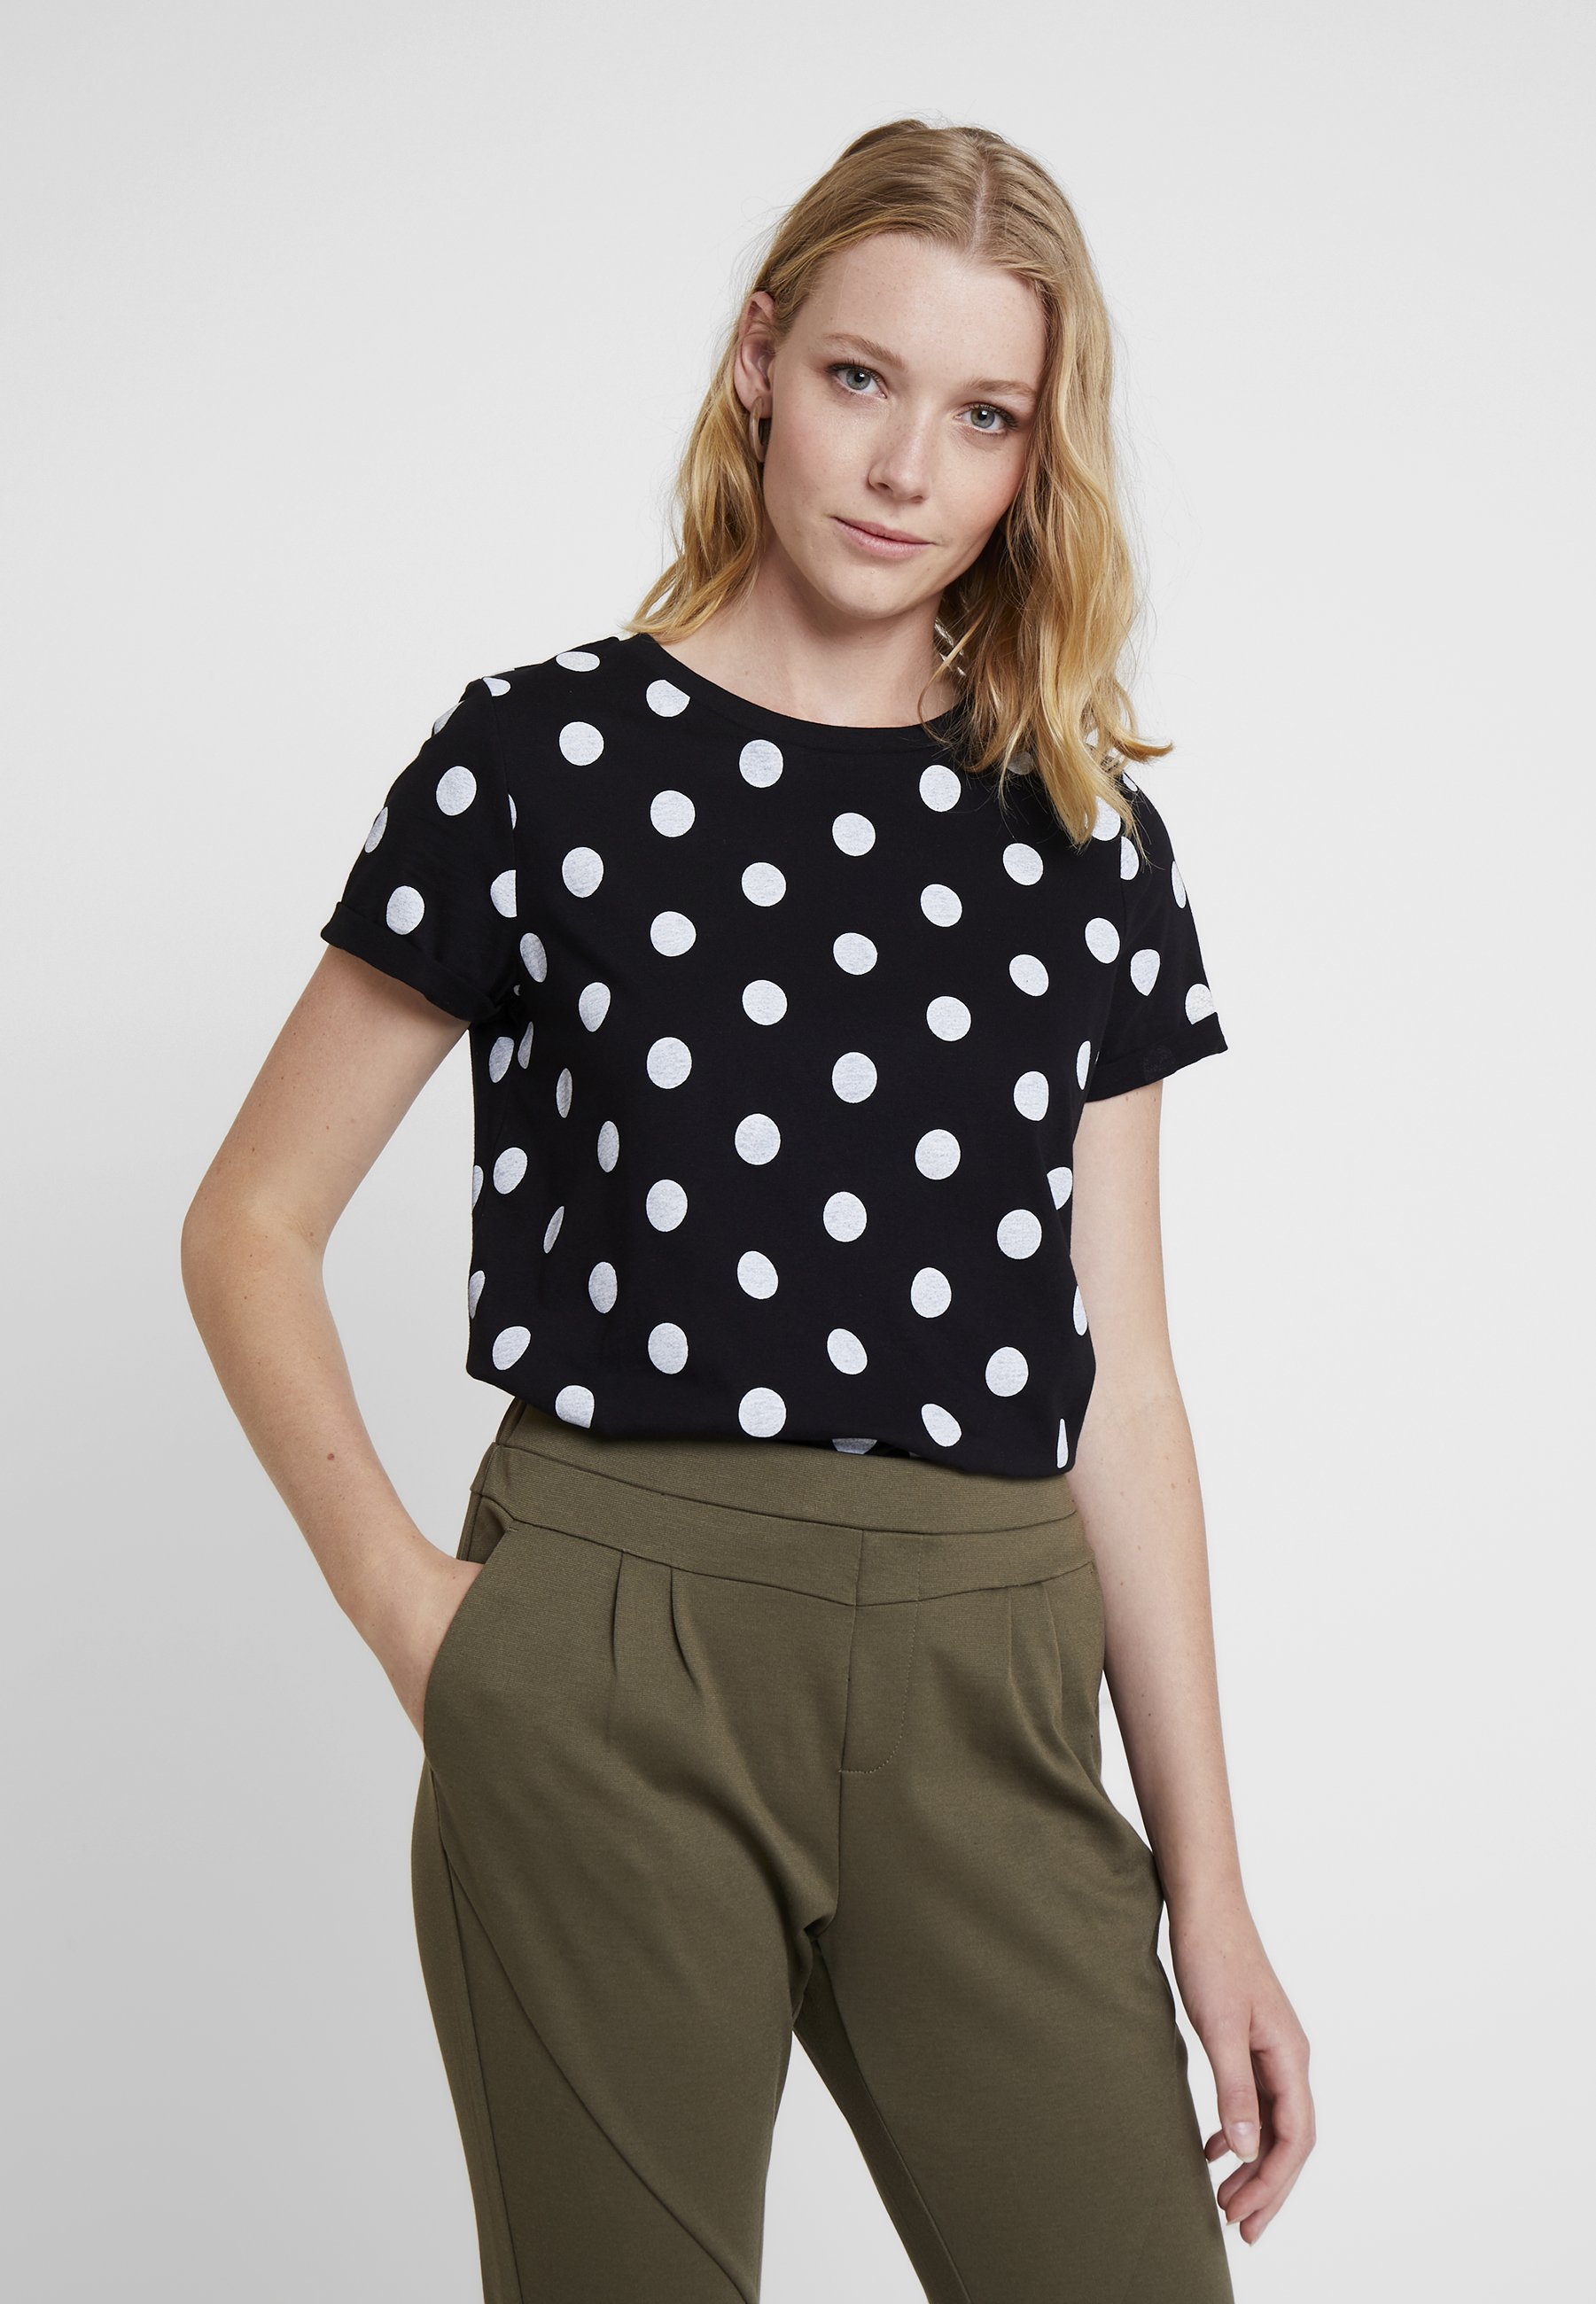 s Q Imprimé shirt By Black Designed KurzarmT v0OnwmN8